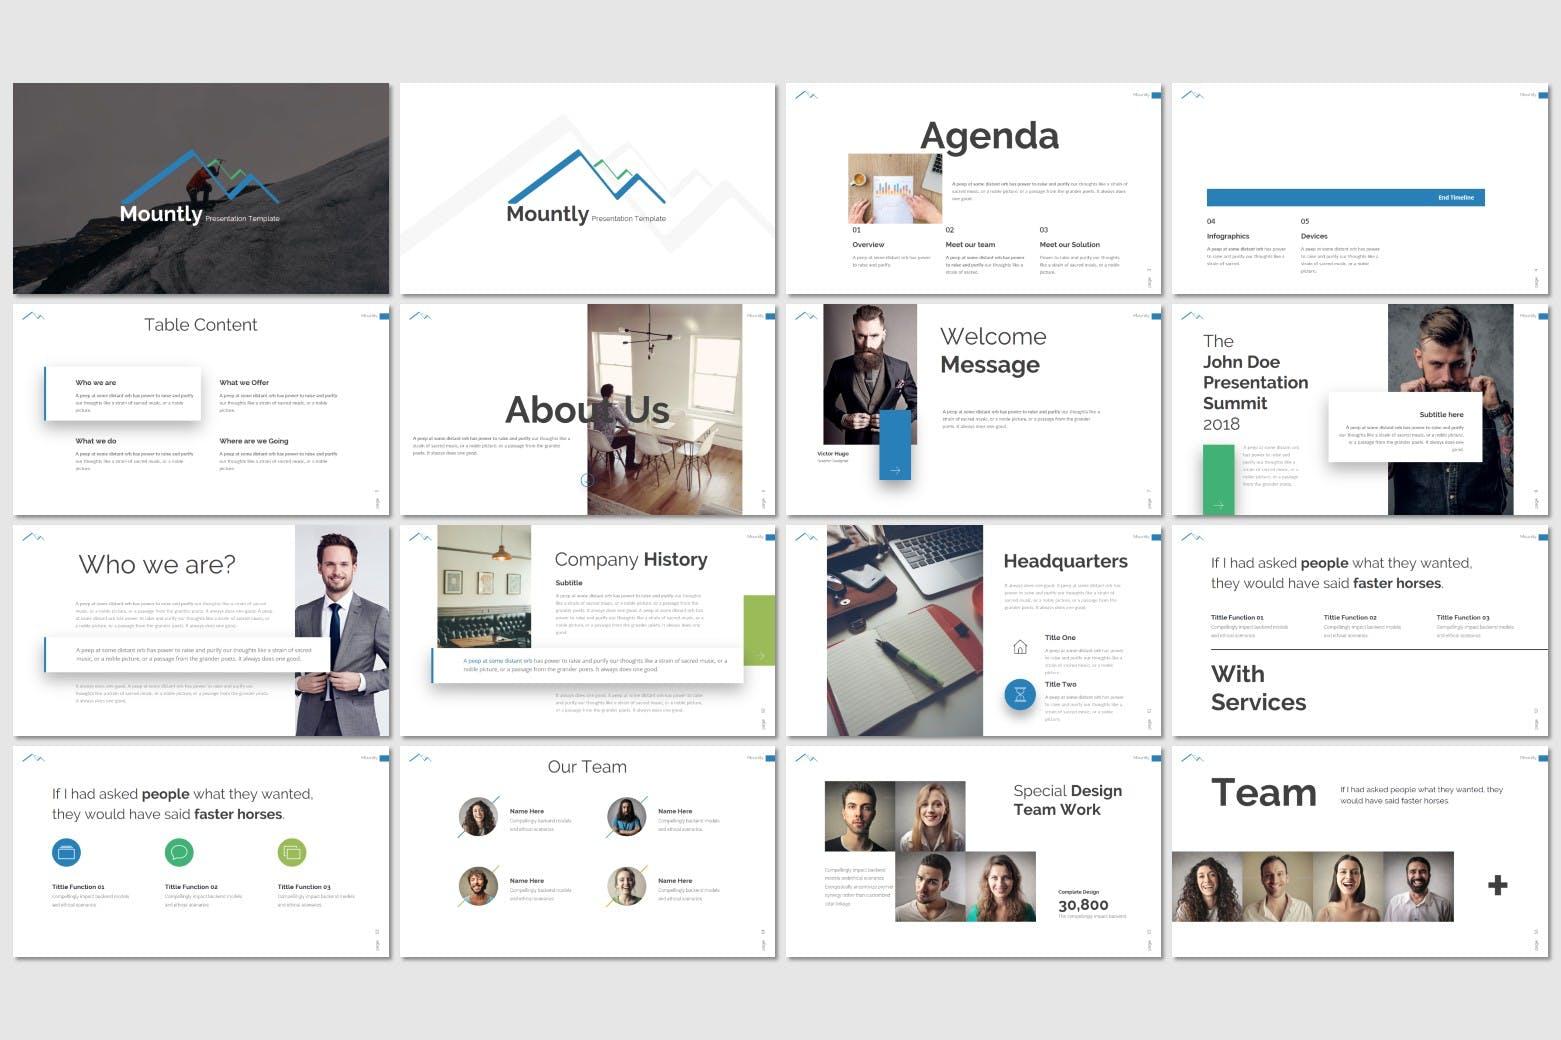 极简主义企业数据演示文稿模板下载Mountly Powerpoint Template插图(1)